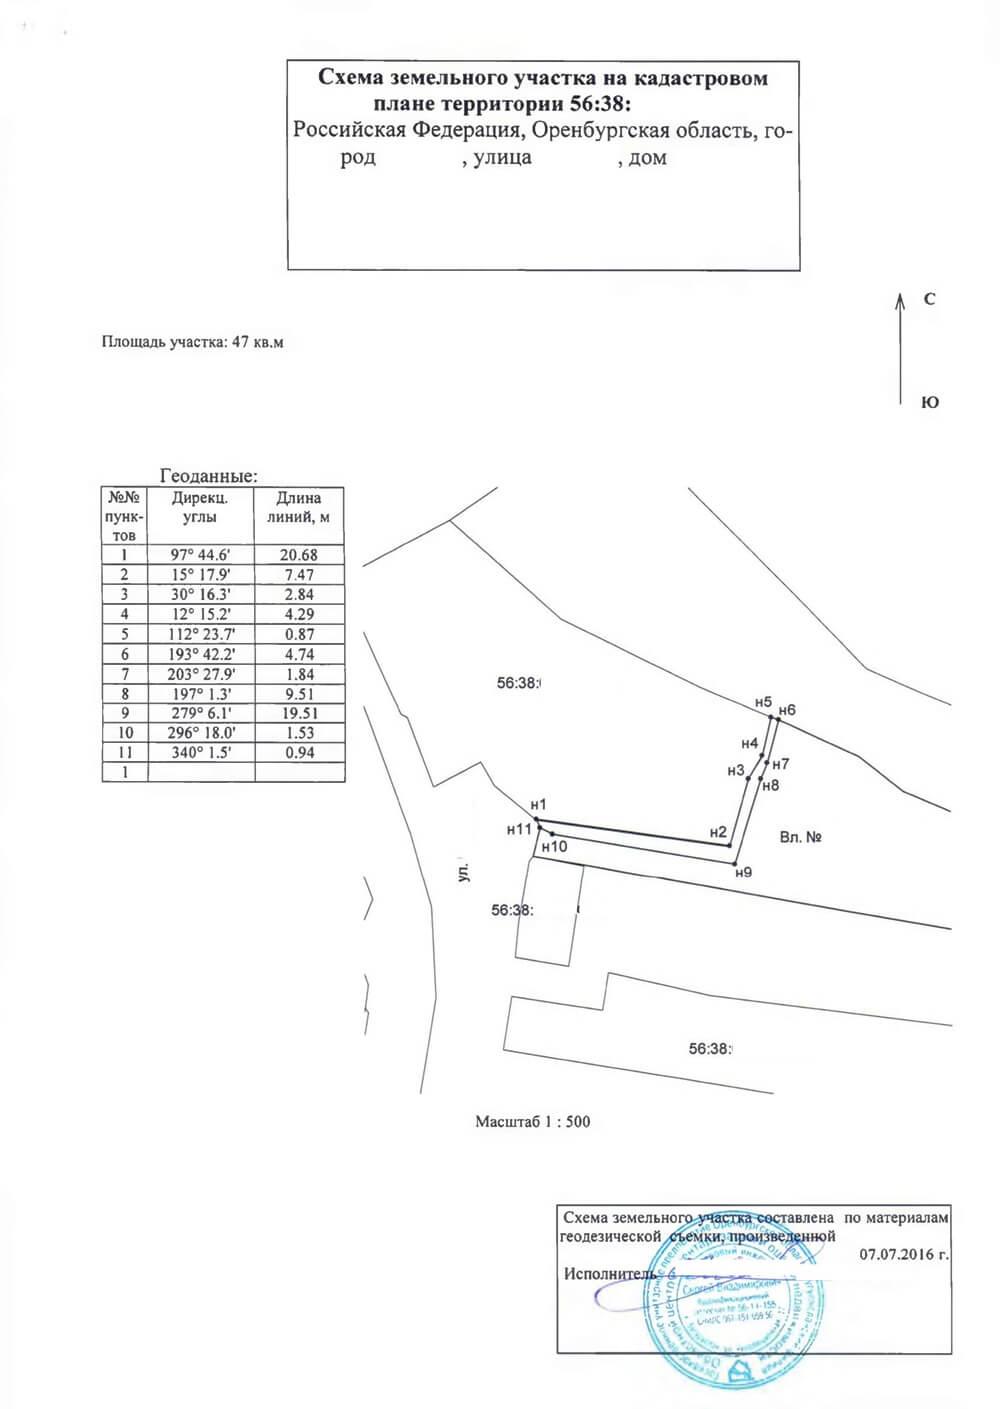 Схема расположения земельного участка на кадастровом плане территории без планшетов